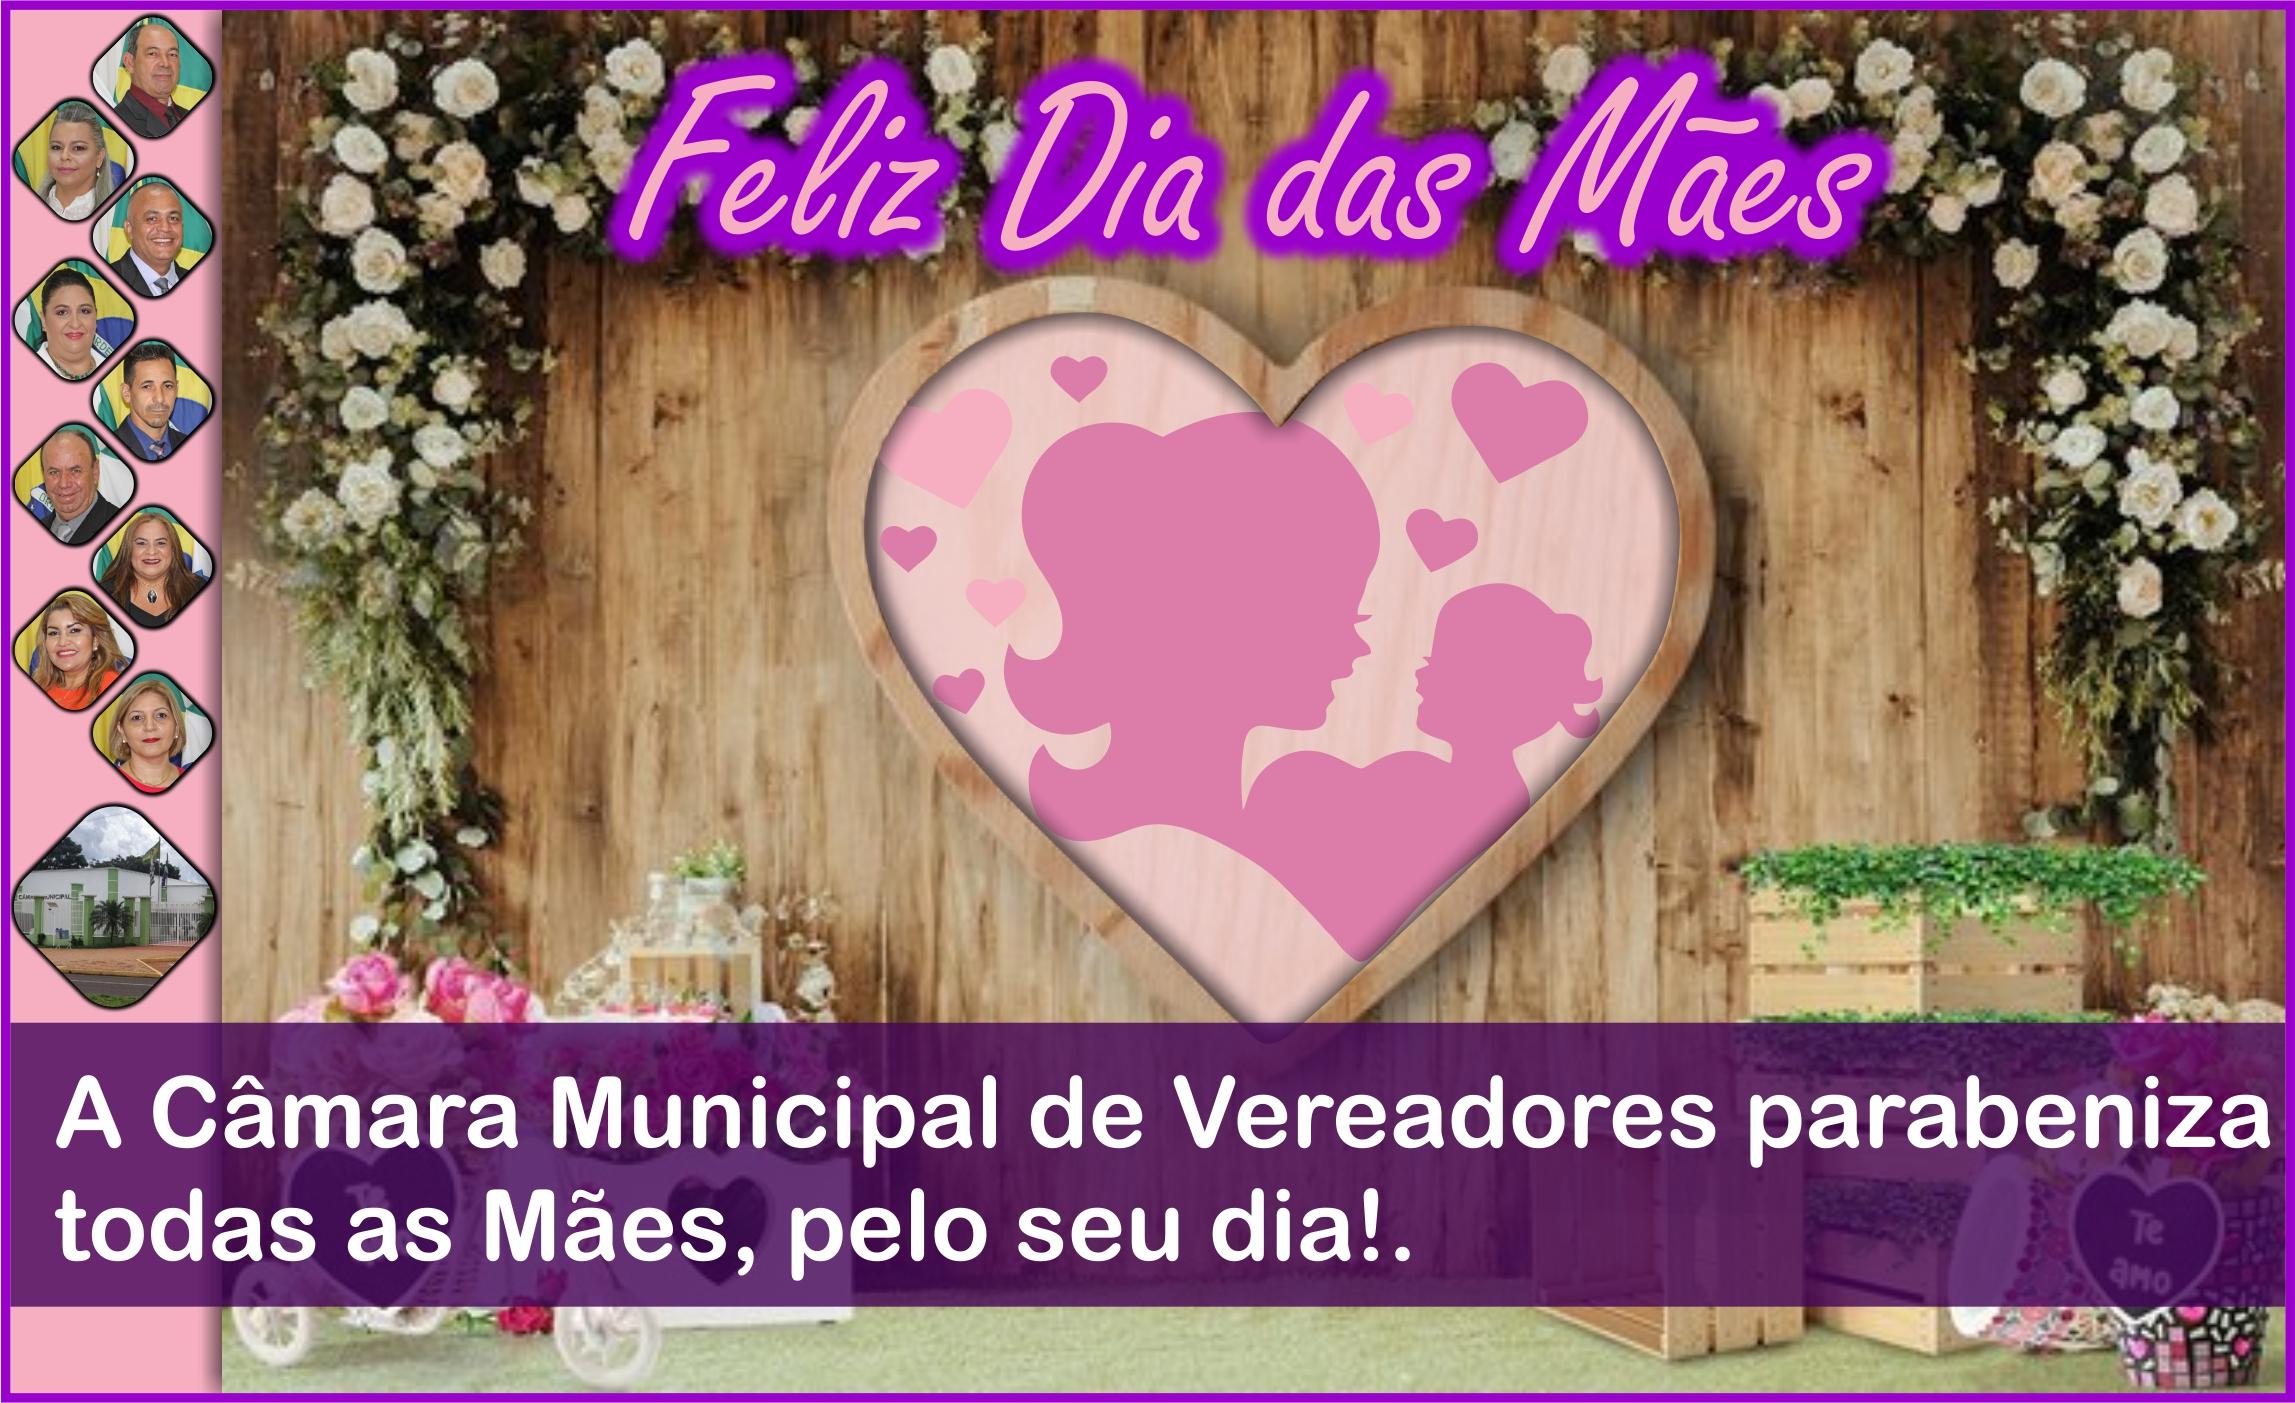 A Câmara Municipal de Vereadores parabeniza  todas as Mães, pelo seu dia!.